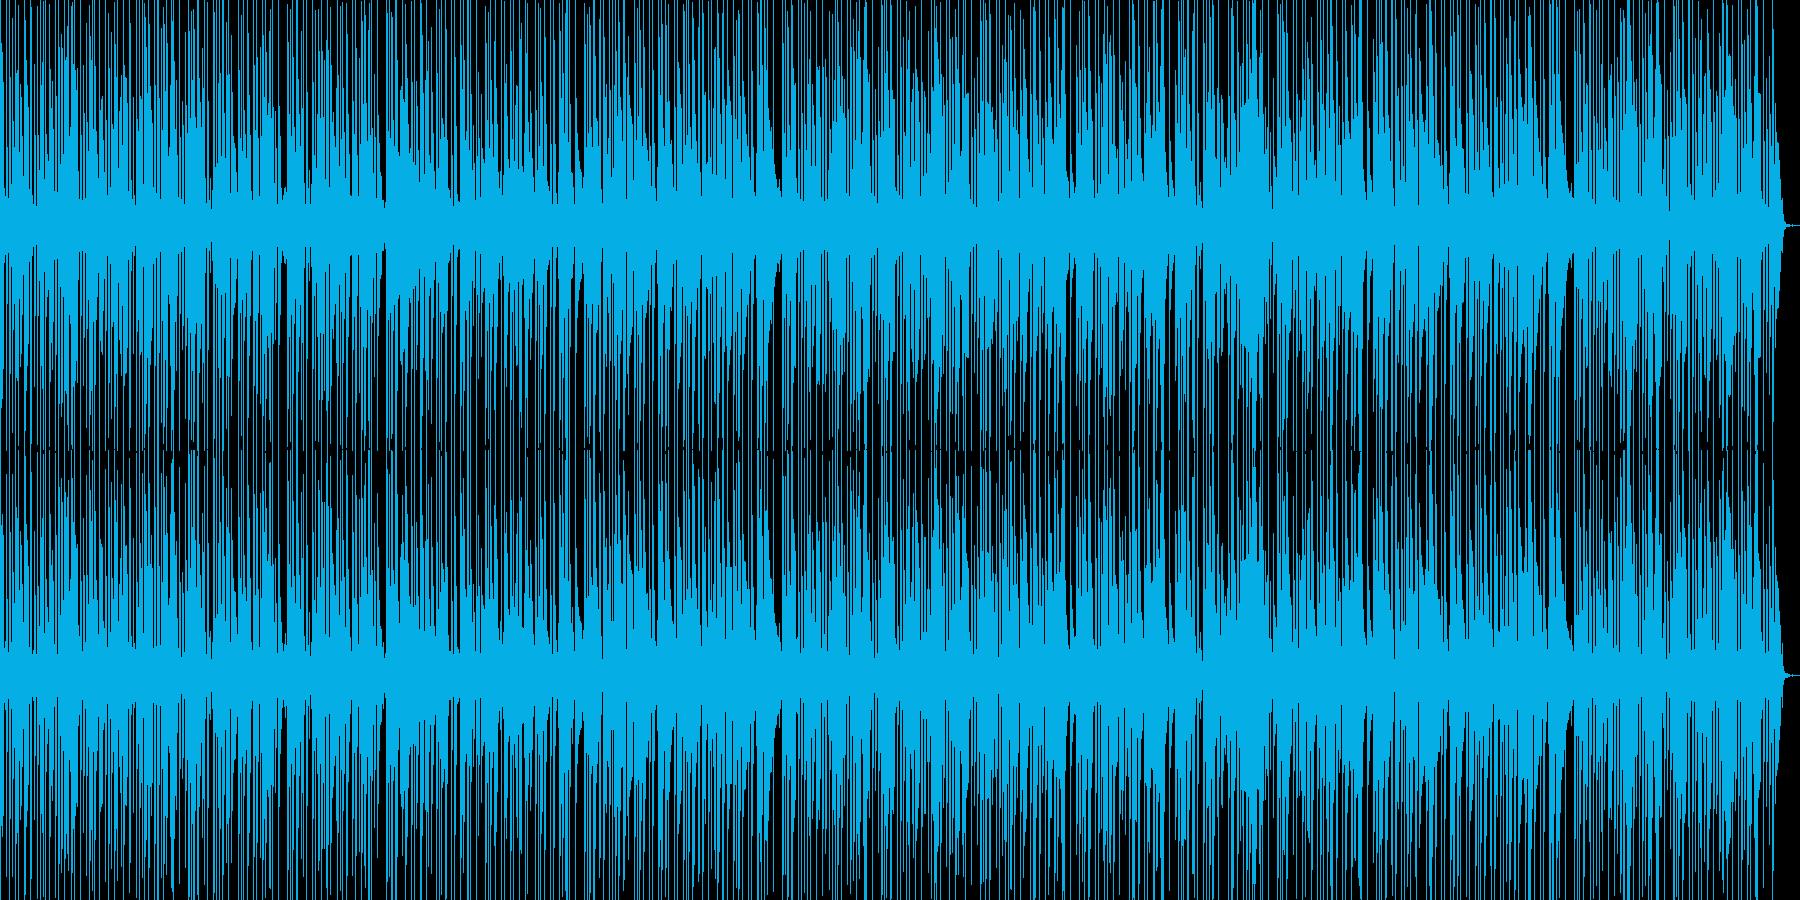 アコギで弾くお洒落で落ち着いたポップスの再生済みの波形